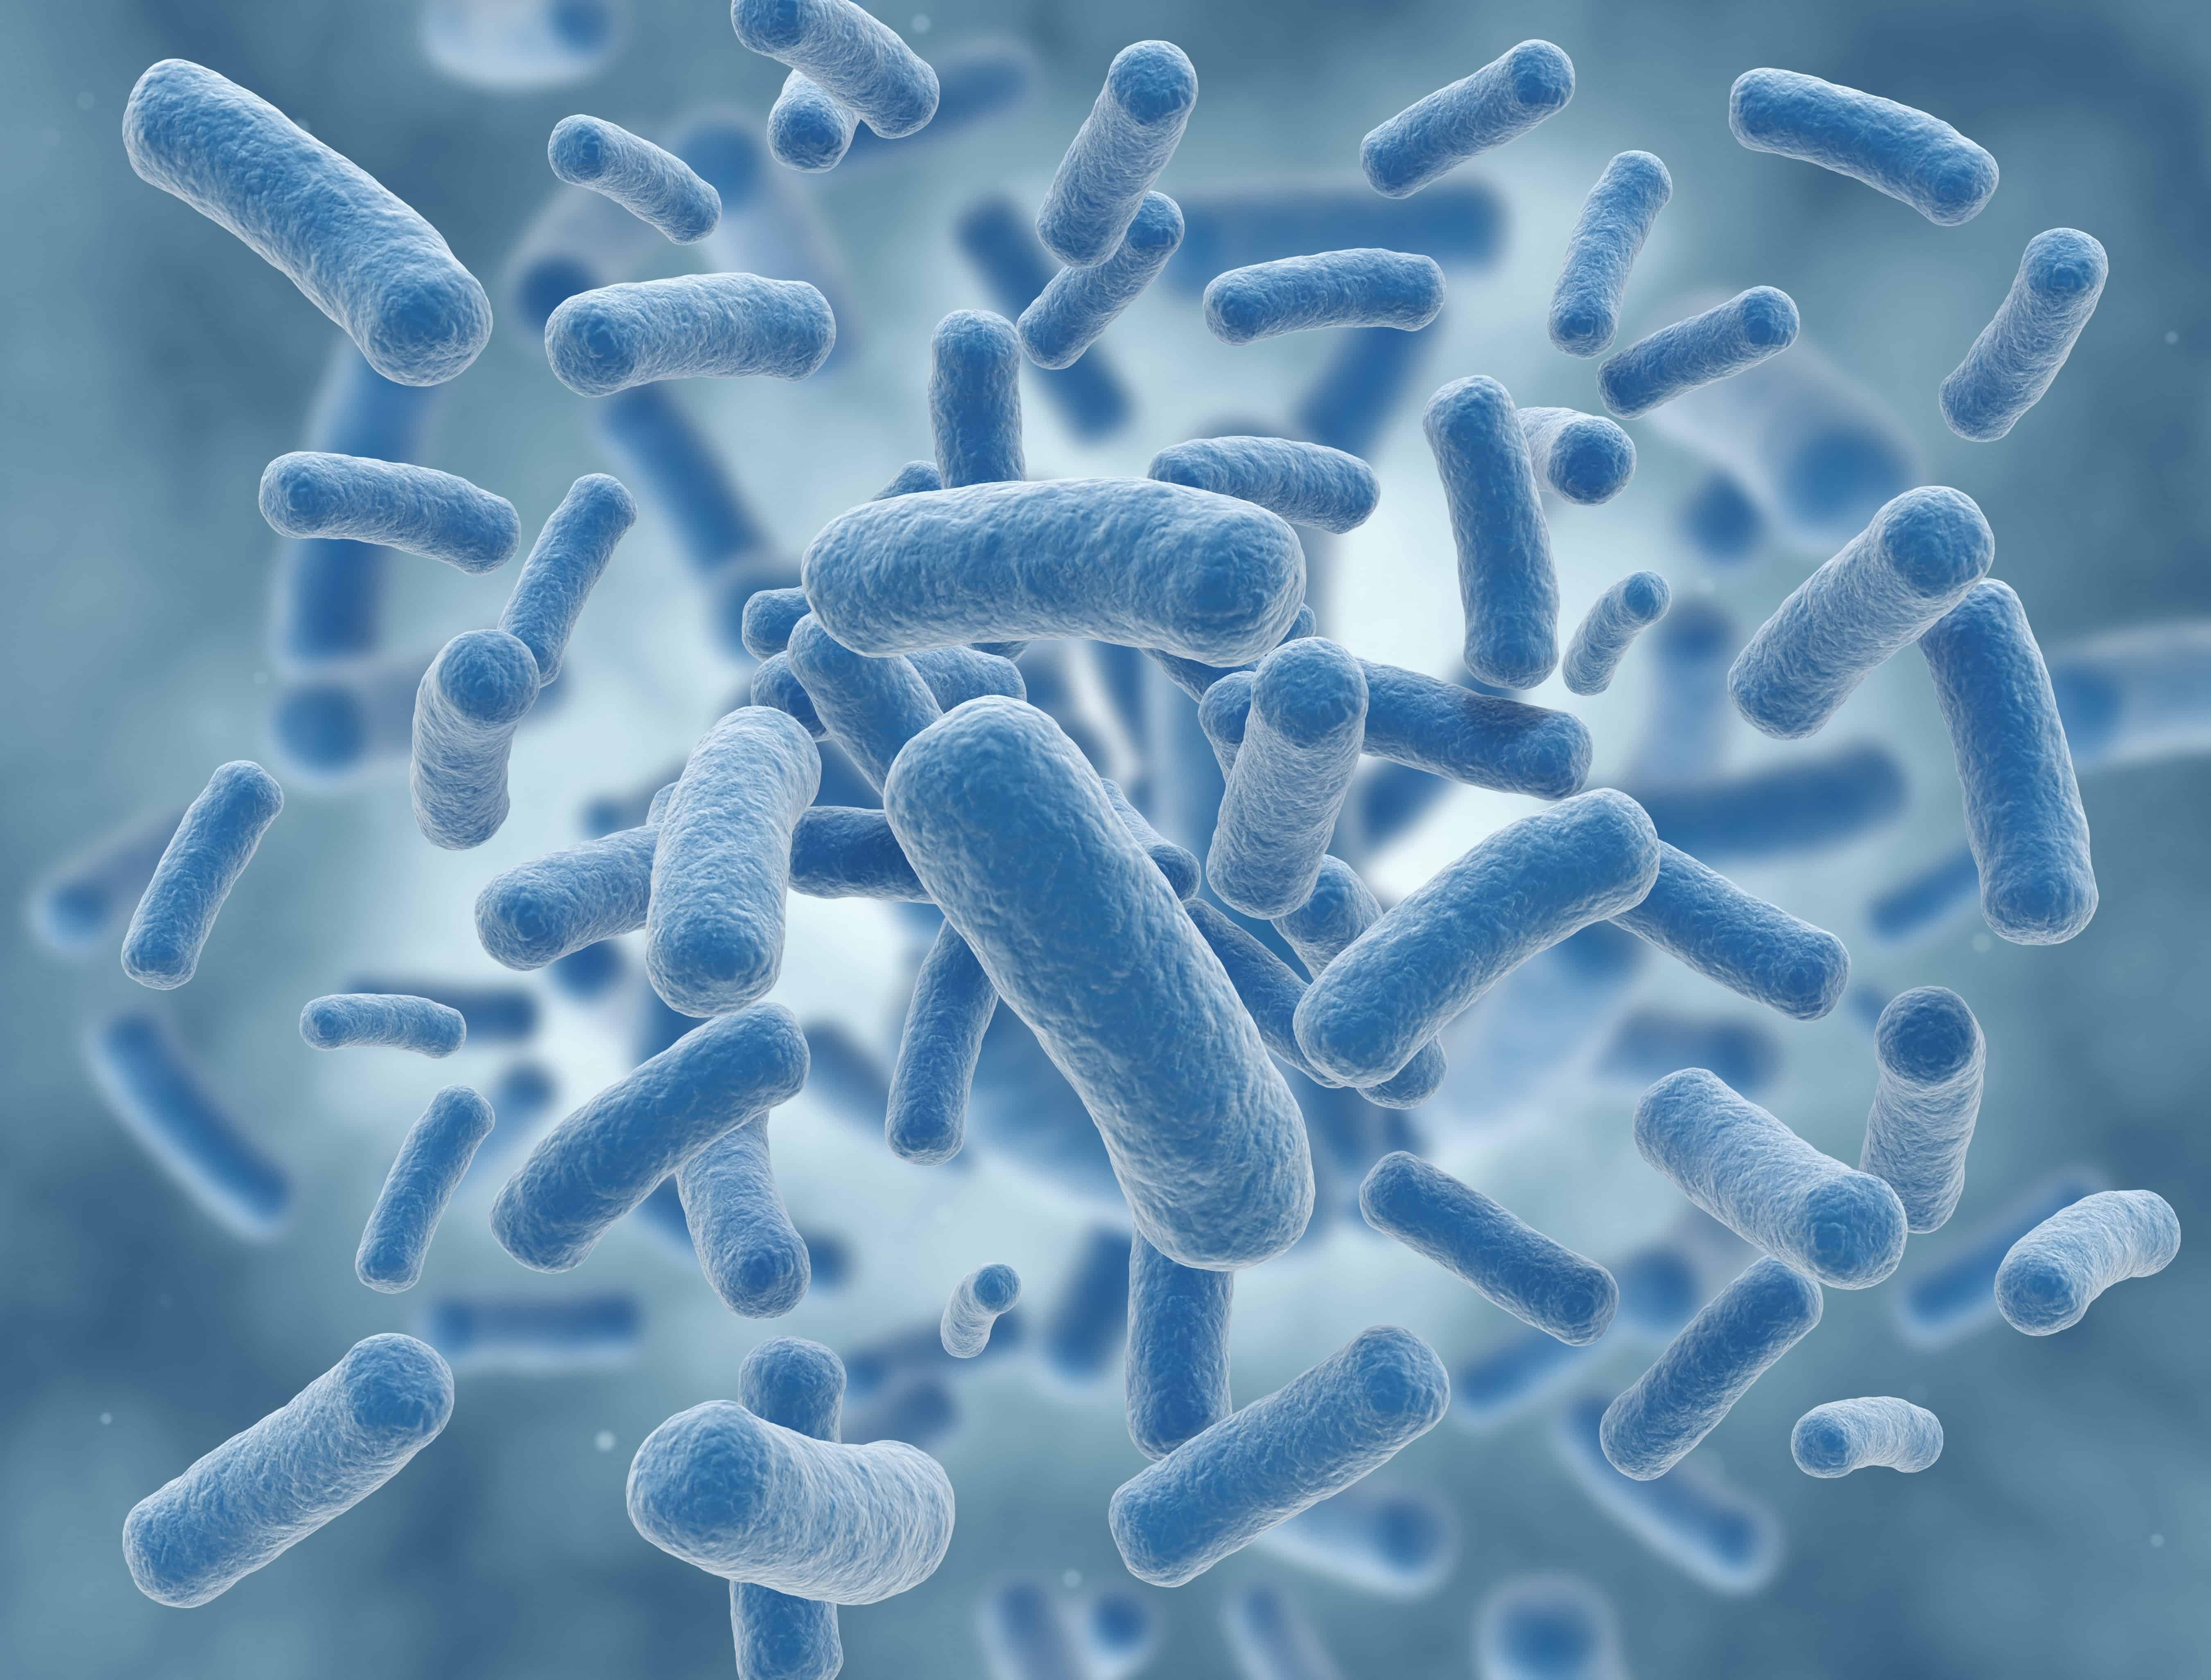 Miglior integratore di Lactobacillus gasseri 2020: Guida all'acquisto